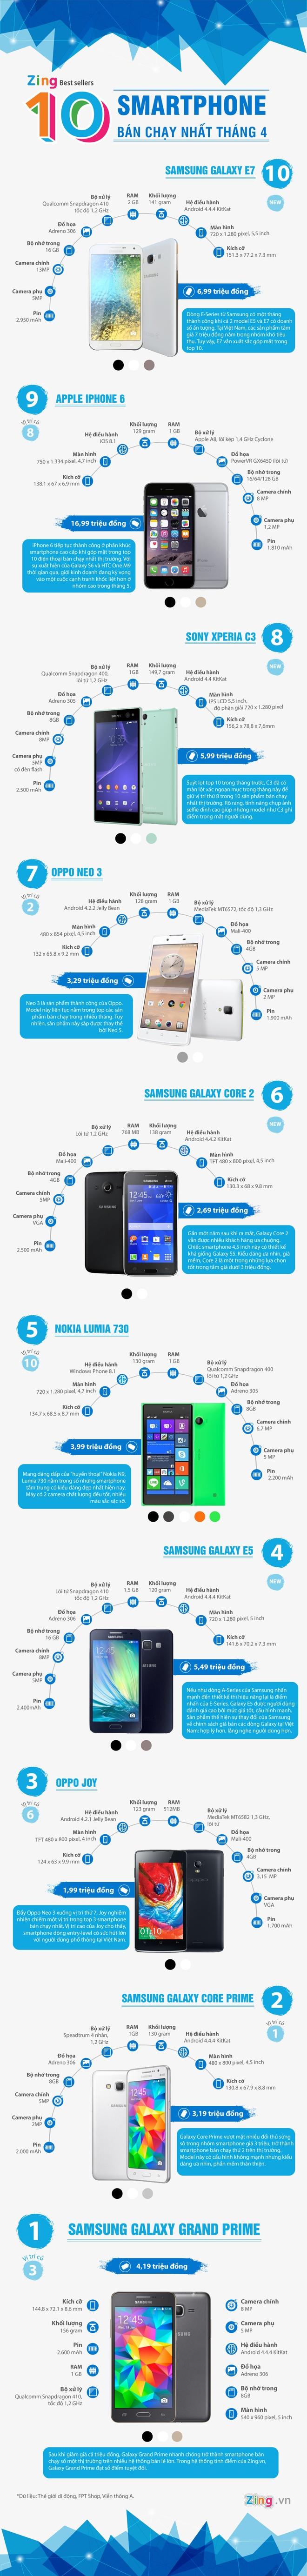 10 smartphone ban chay nhat thang 4 tai Viet Nam hinh anh 1